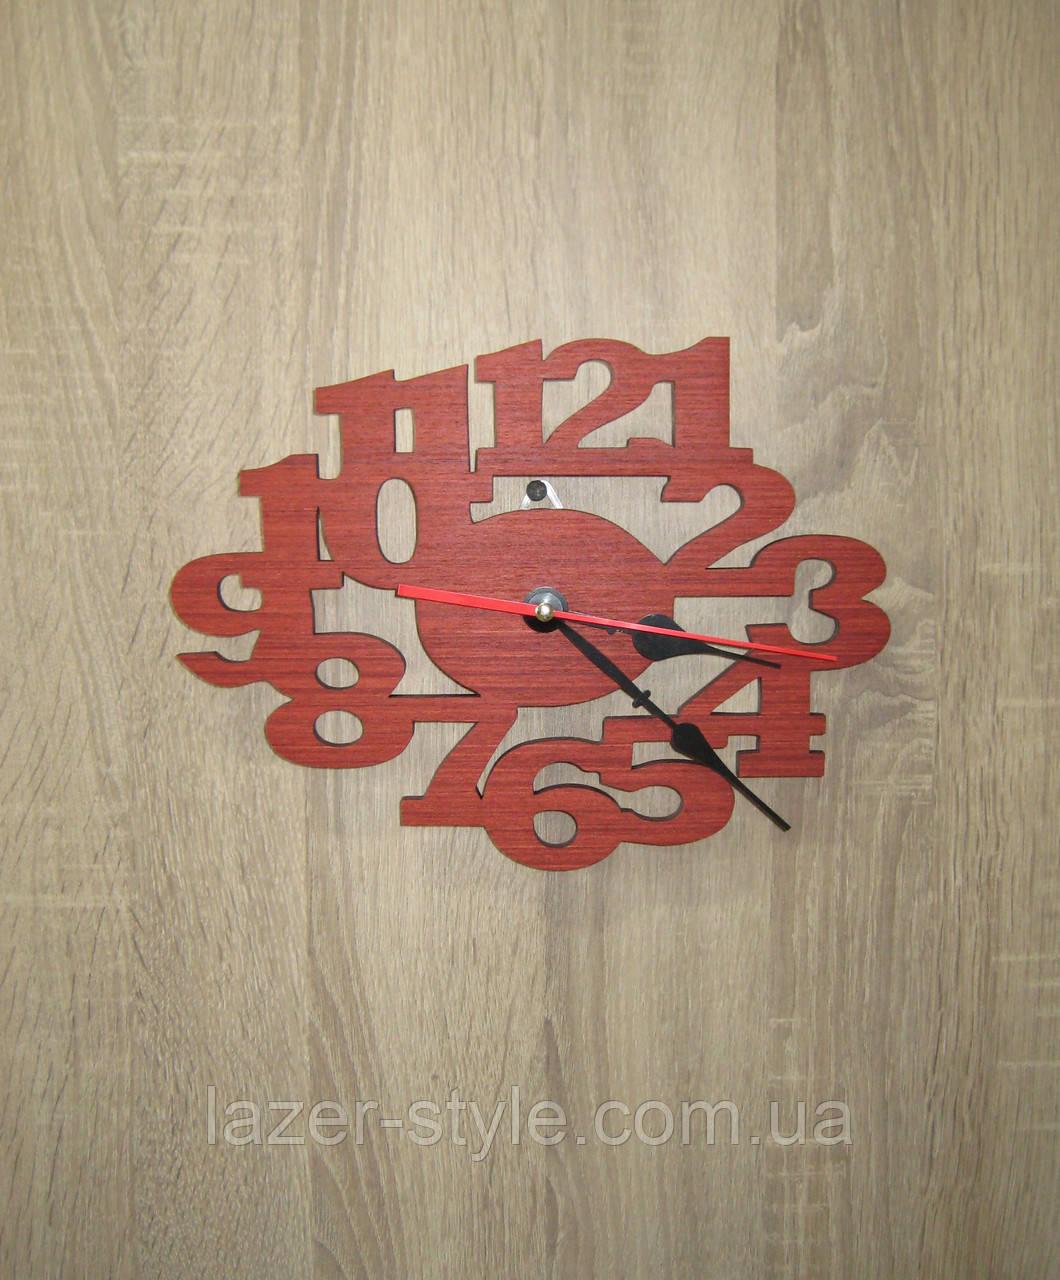 Авторские часы  римские цифры